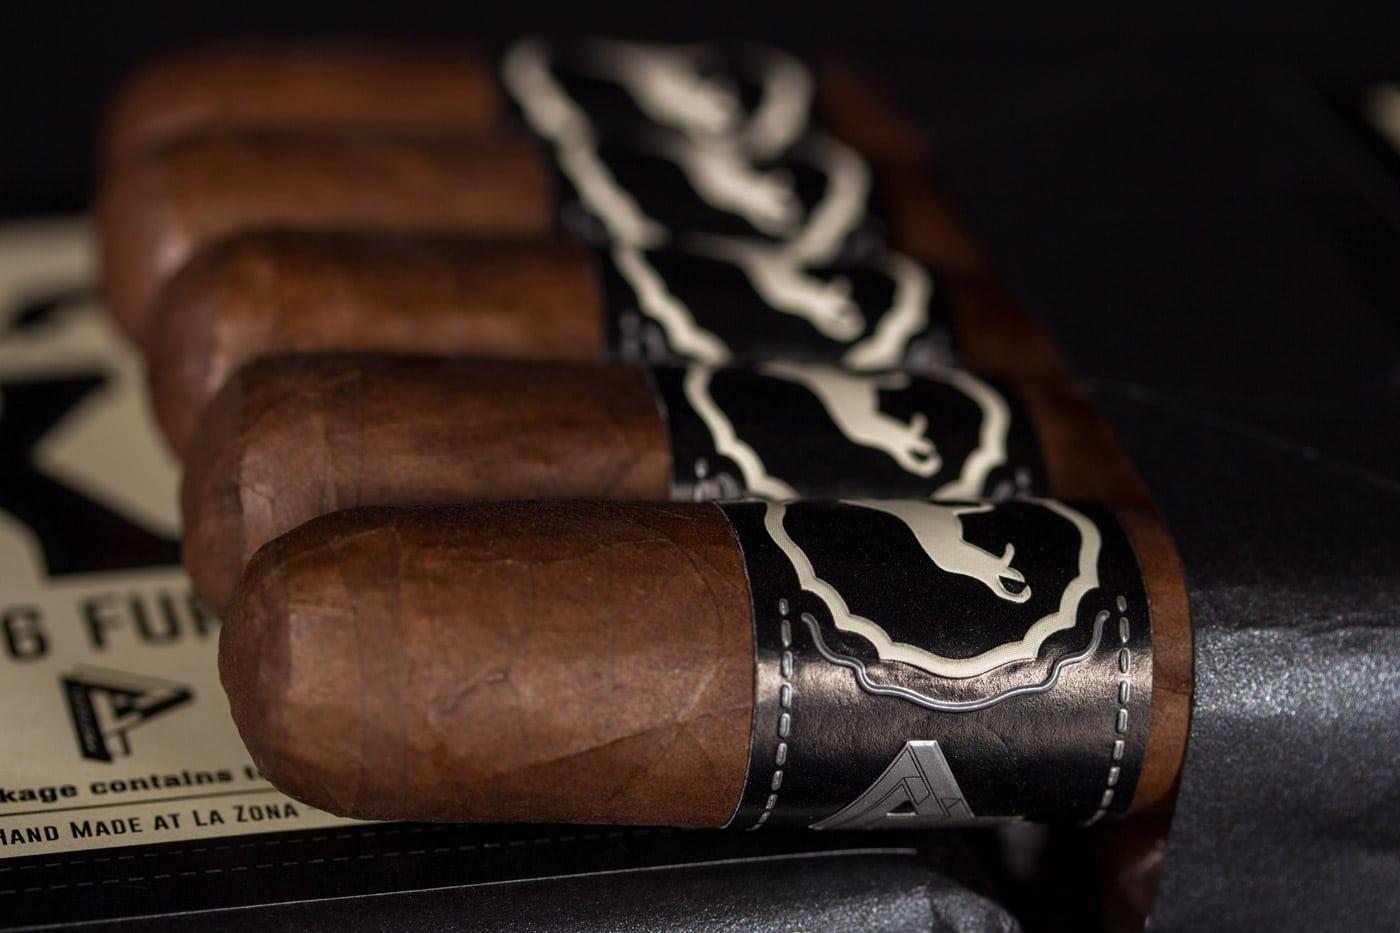 Protocol K9 cigars